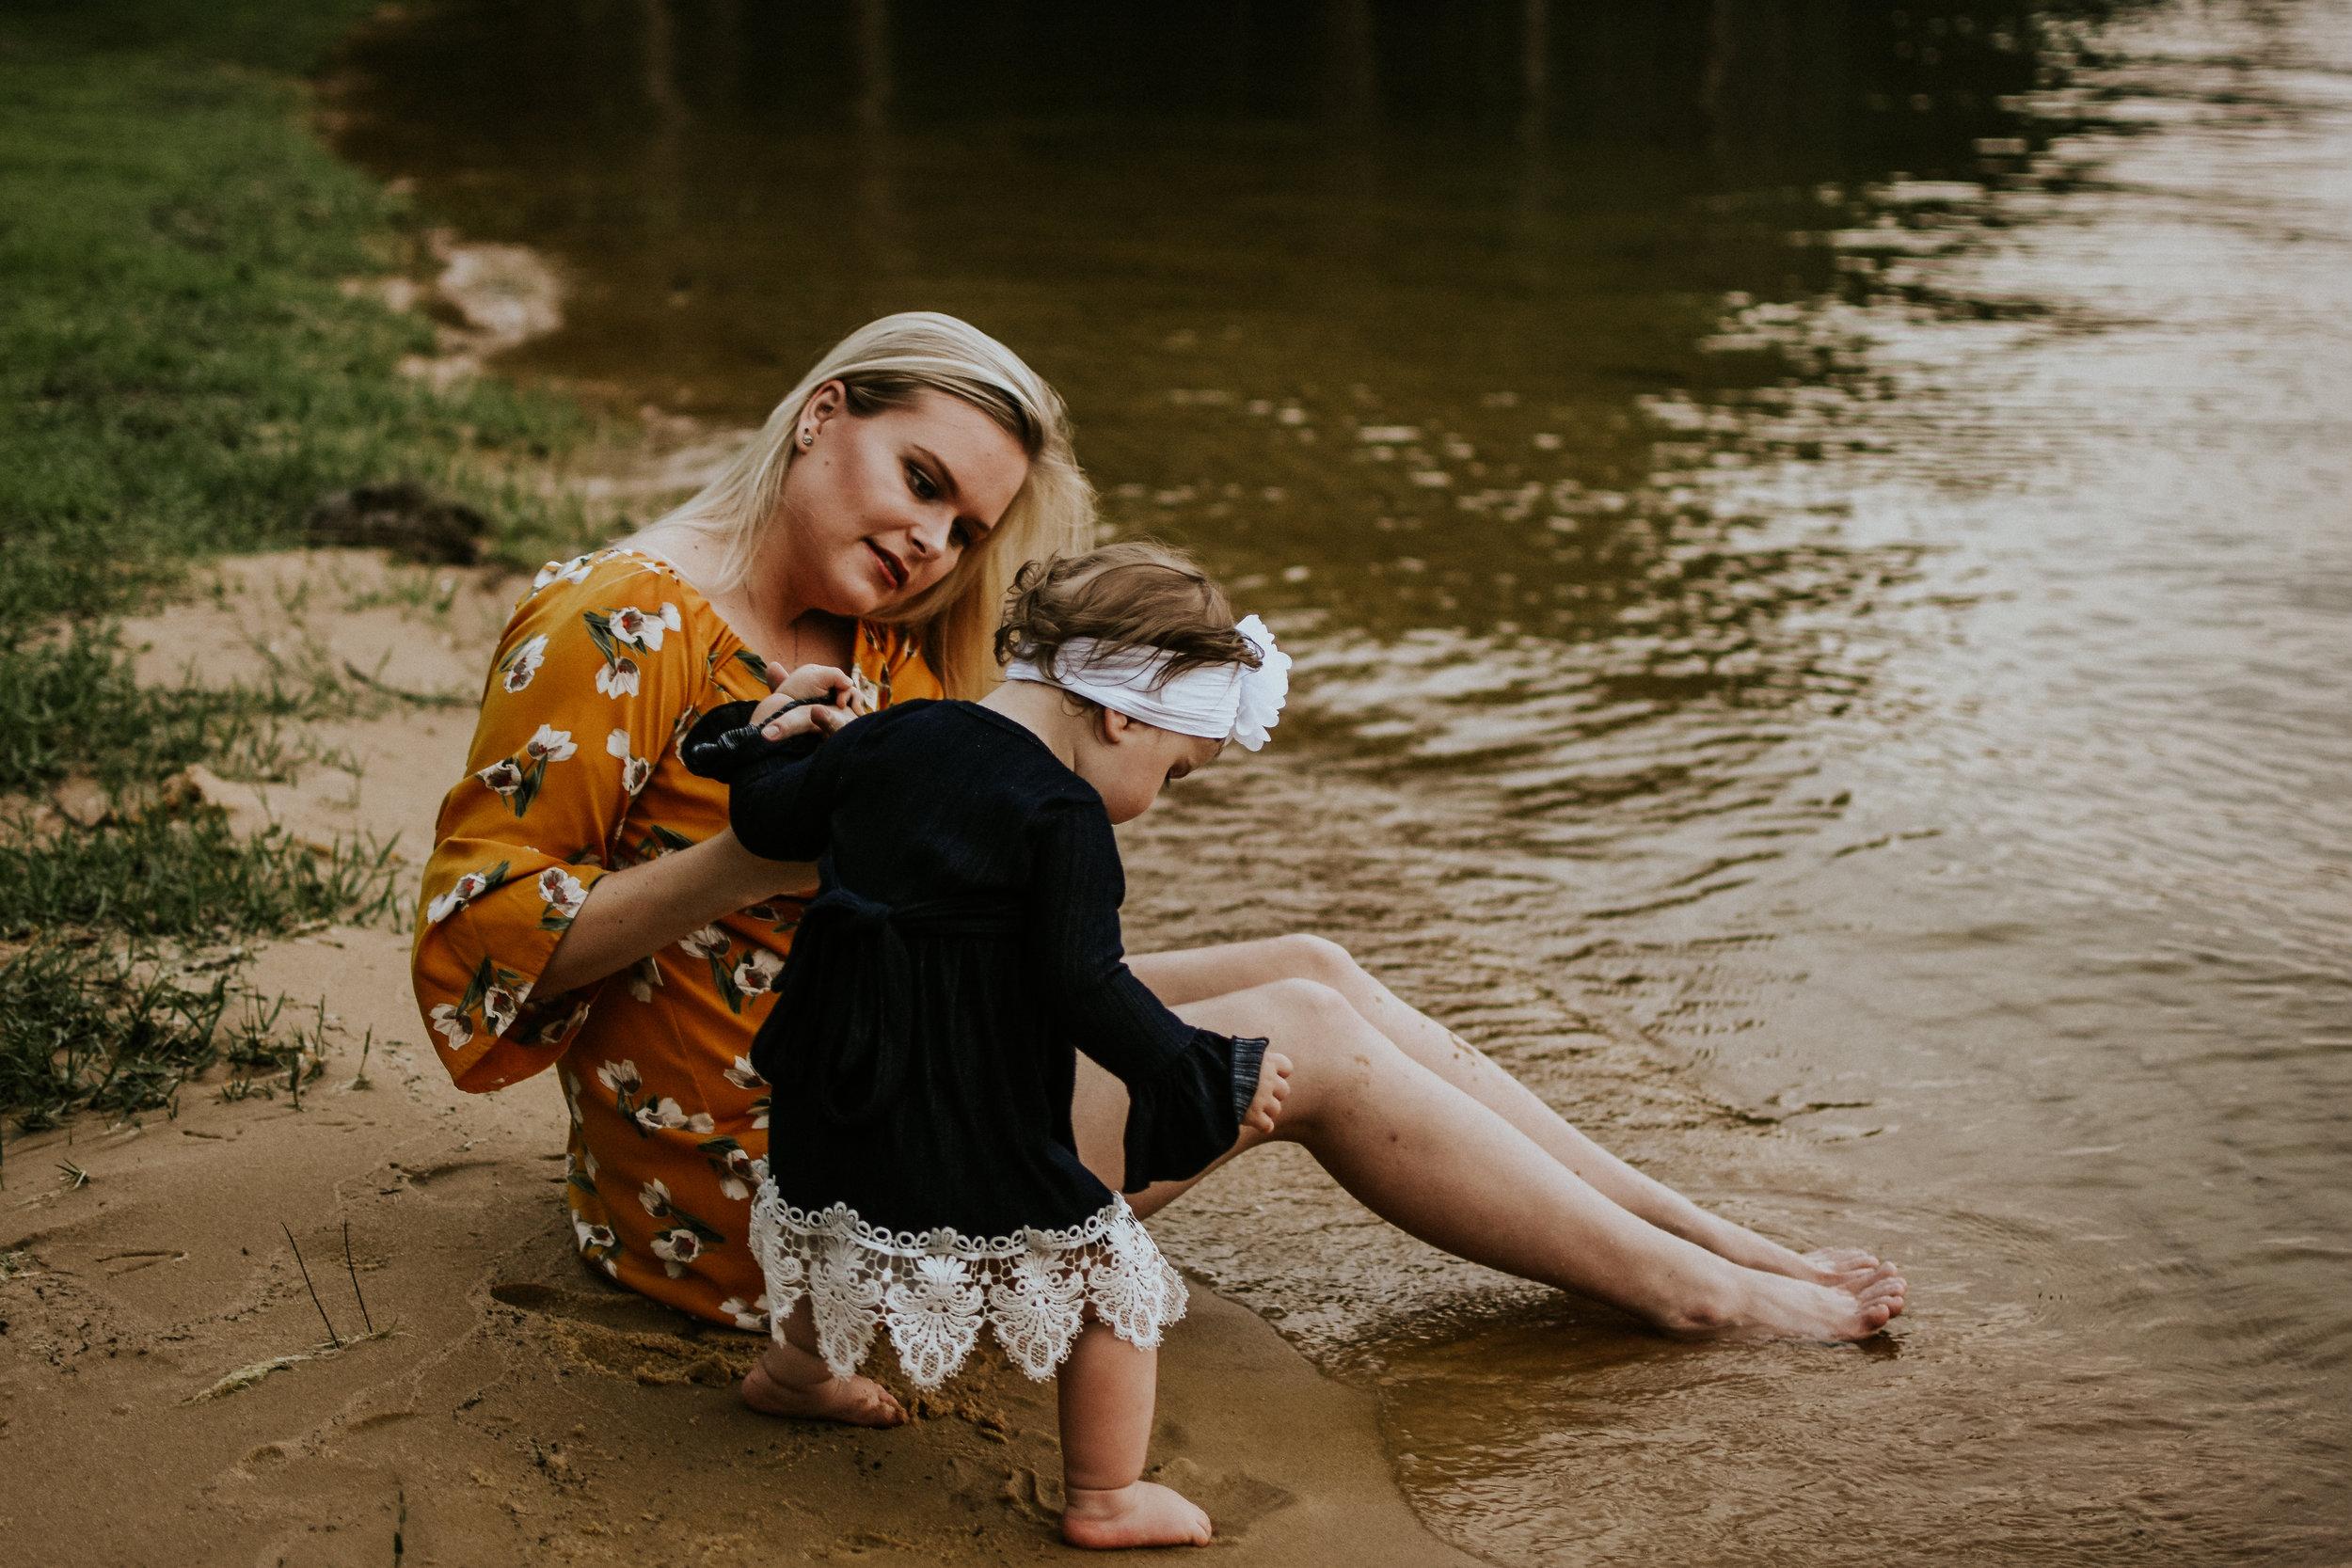 CrestviewFloridaLifestylePhotographer-MommyandMeSession-LakeJackson-FloralaAlabama-38.jpg